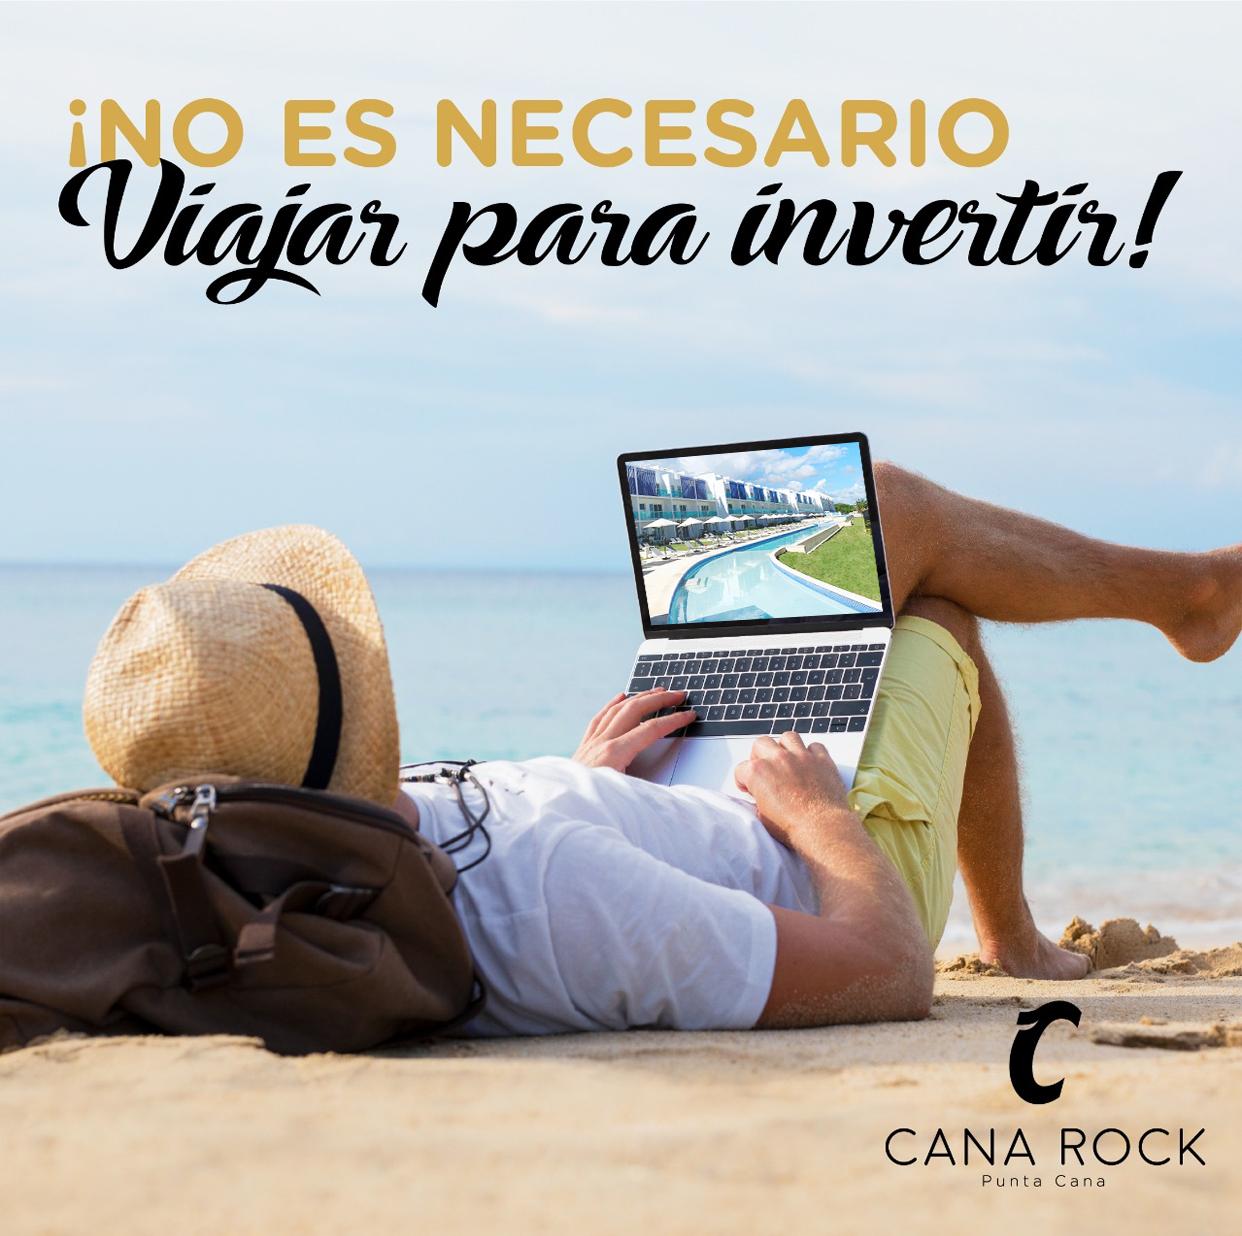 Complejo Turístico Can Bay frente a la Playa Arena Gorda Punta Cana